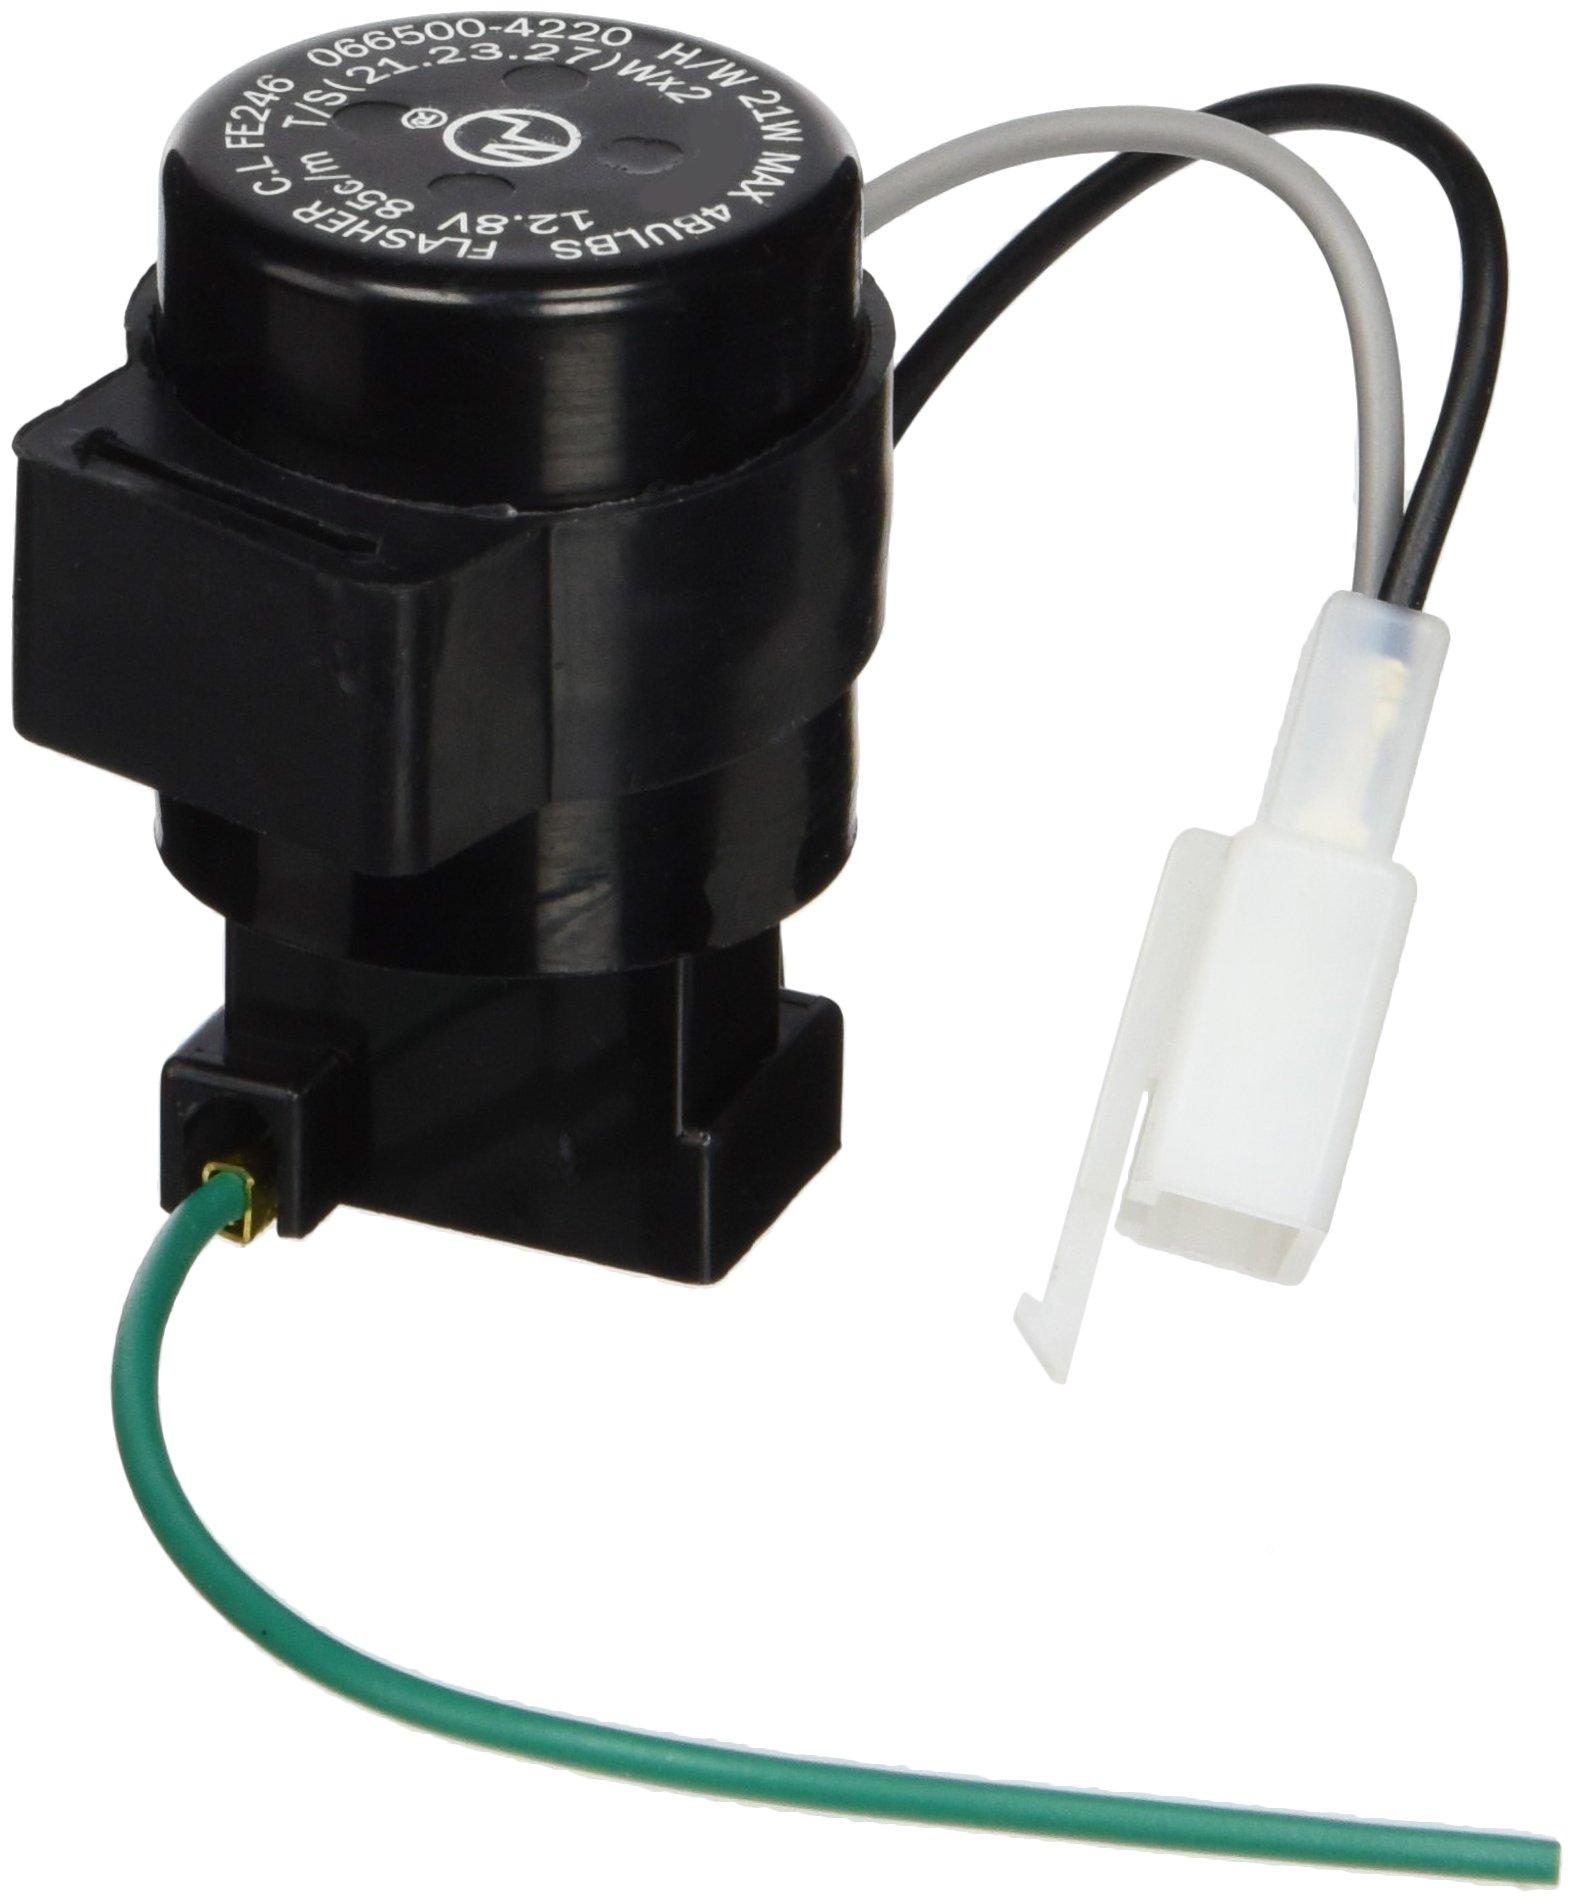 Puig 4822N Relé de 3 Pins para Intermitentes de Leds, Color Negro product image